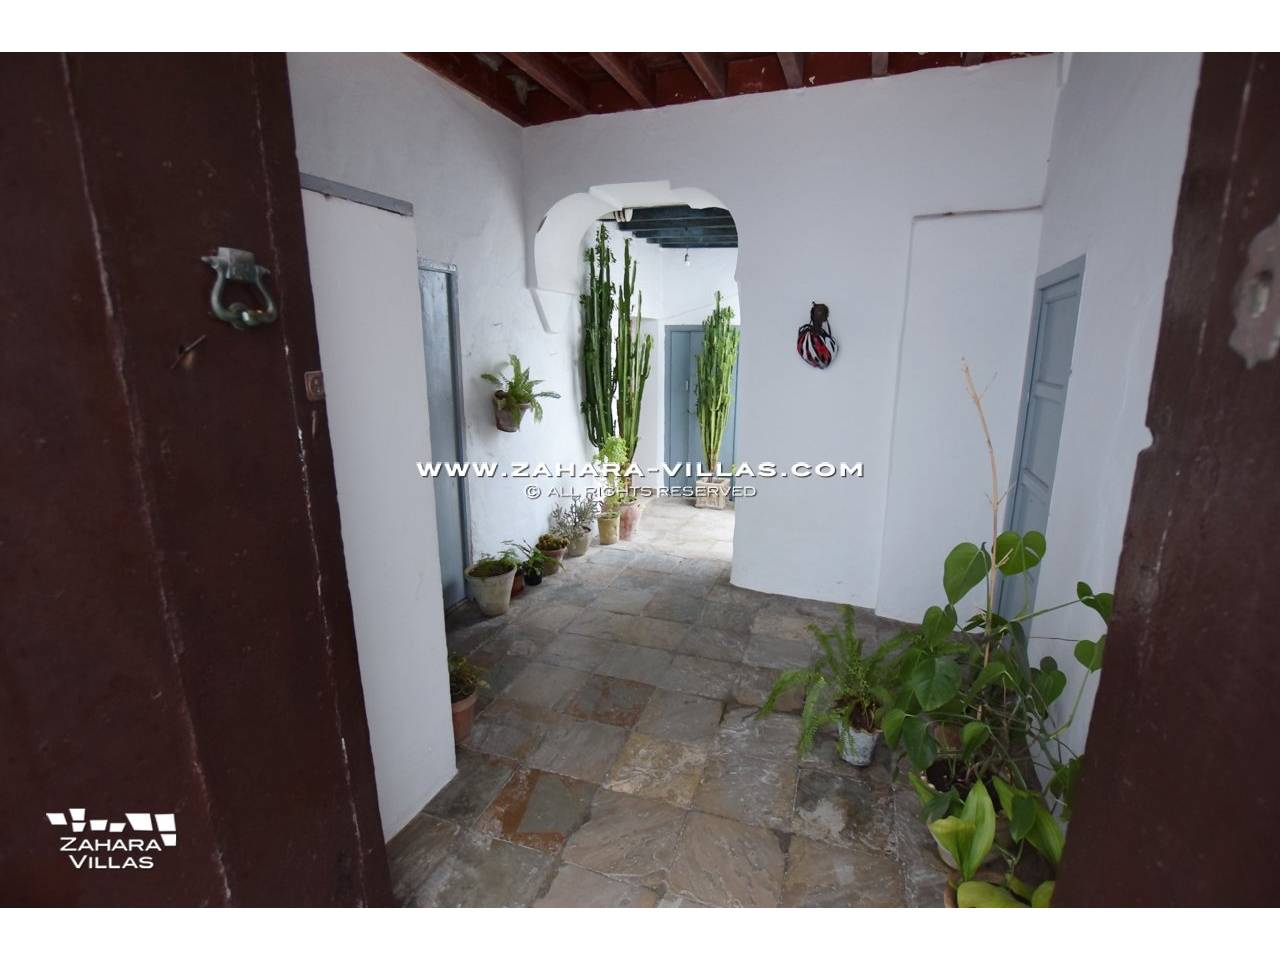 Imagen 17 de Historic buildings for sale in Vejer de la Frontera are sold